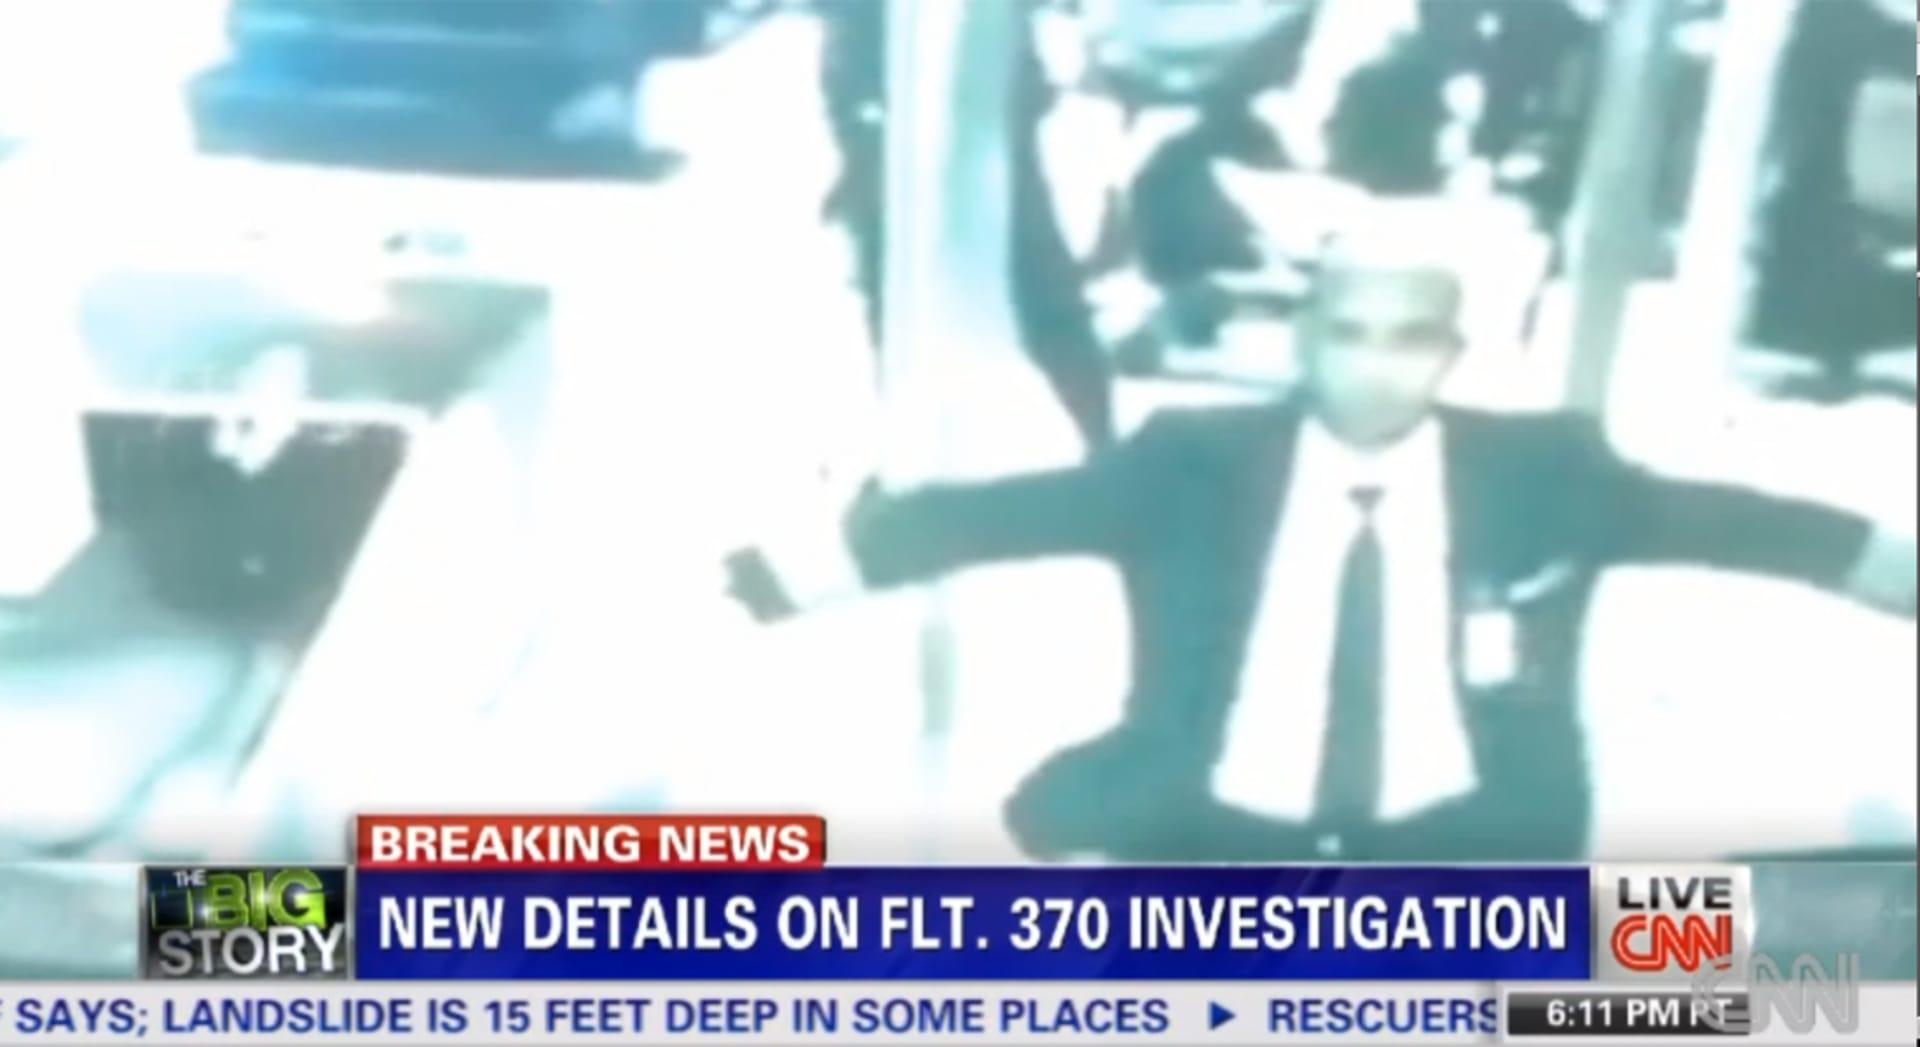 لغز الطائرة الماليزية.. هذا هو سبب التحقيق بخلفية الطيارين